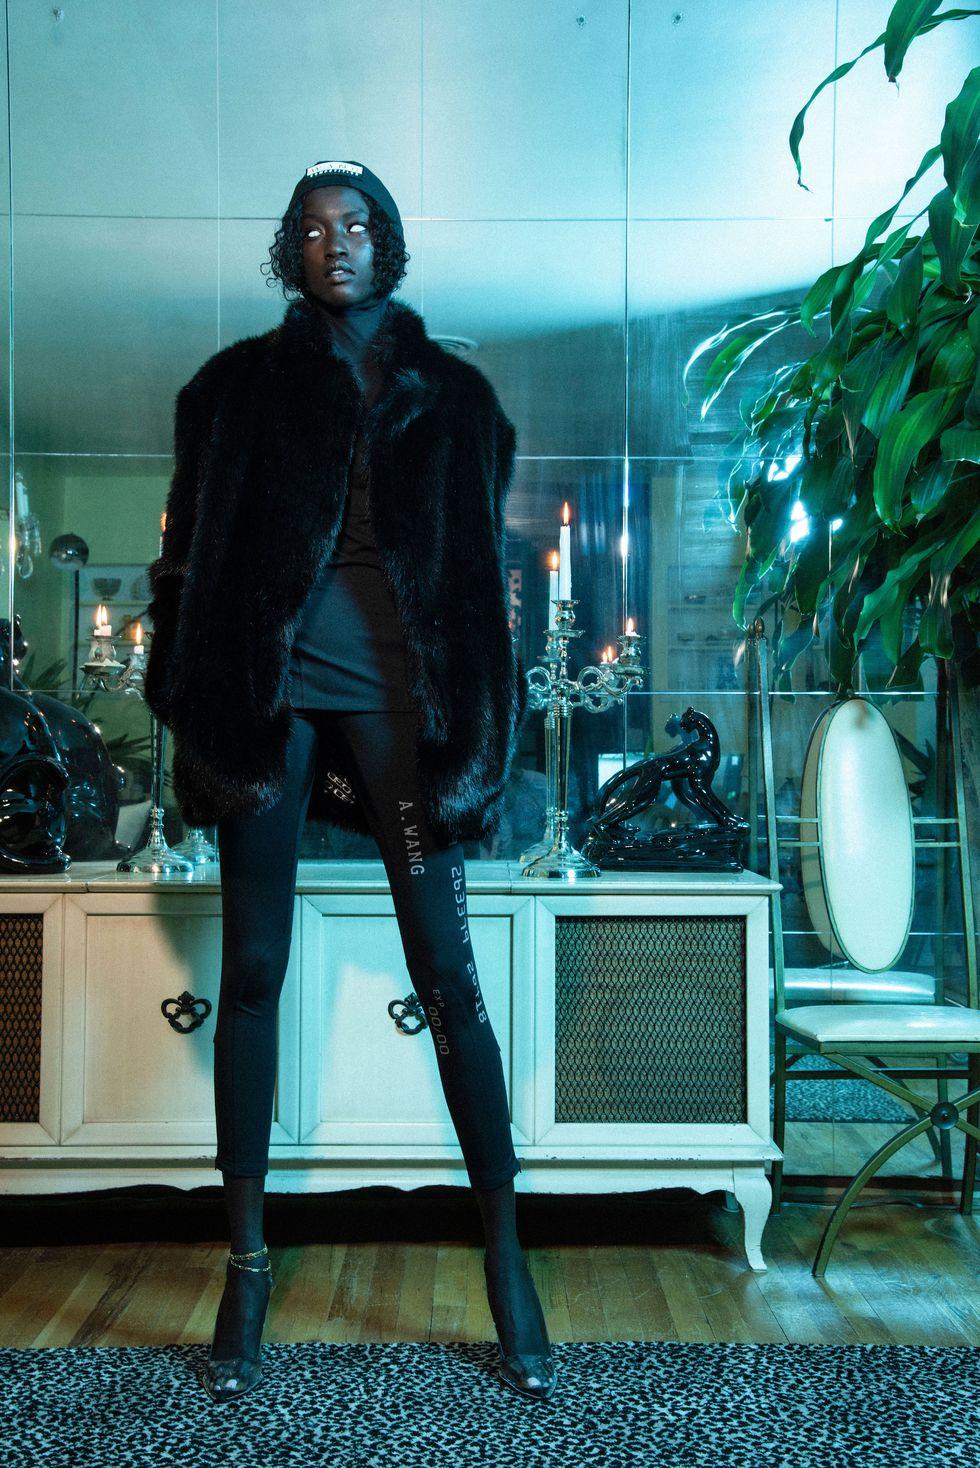 Anok Yai by Ivar Wigan for CR Fashion Book 13 (4).jpg